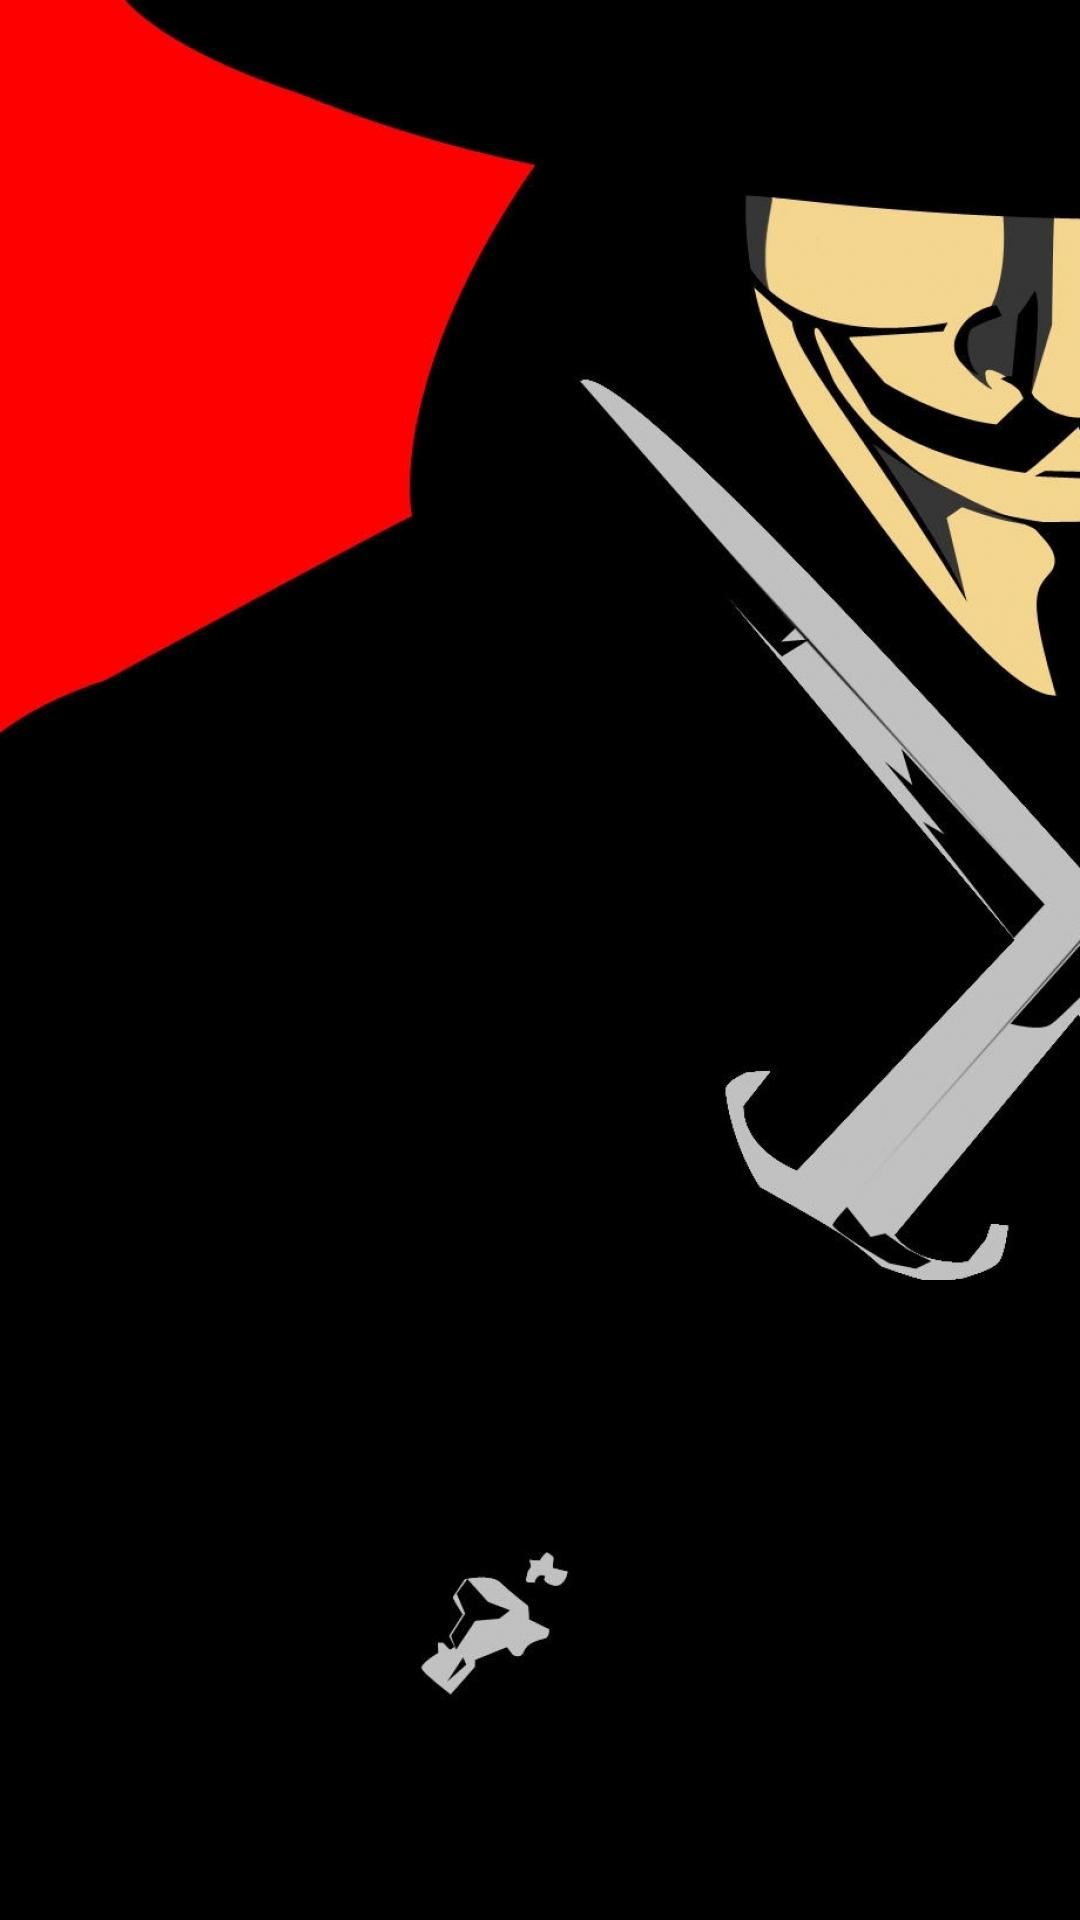 V For Vendetta Quotes Phone Wallpaper V Is For Vendetta Wallpaper Www Pixshark Com Images